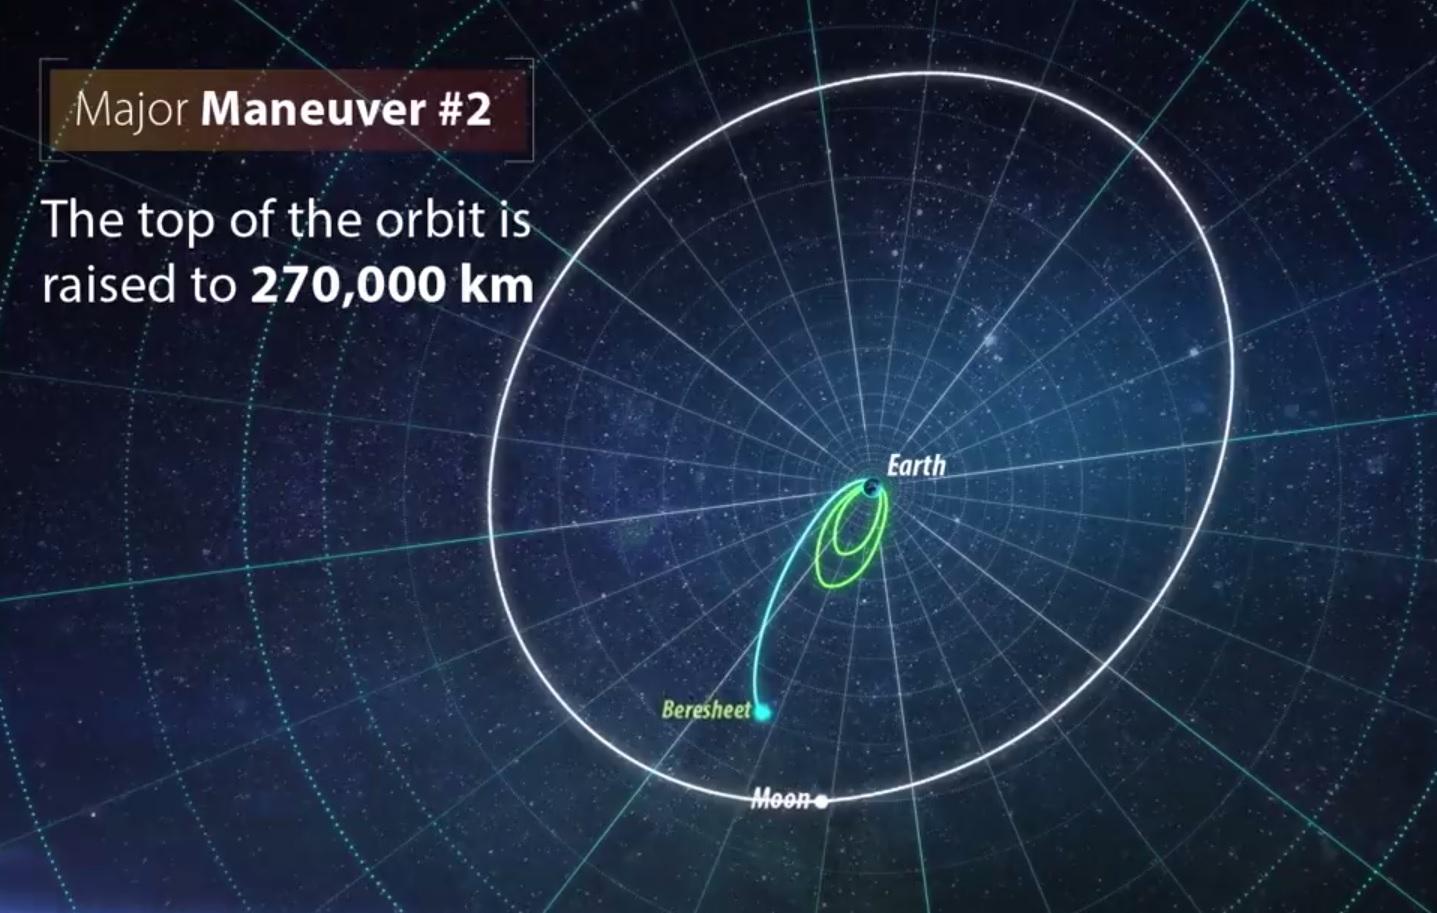 Лунная миссия «Берешит» – характеристики аппарата, серия маневров и самый длинный путь на Луну - 18